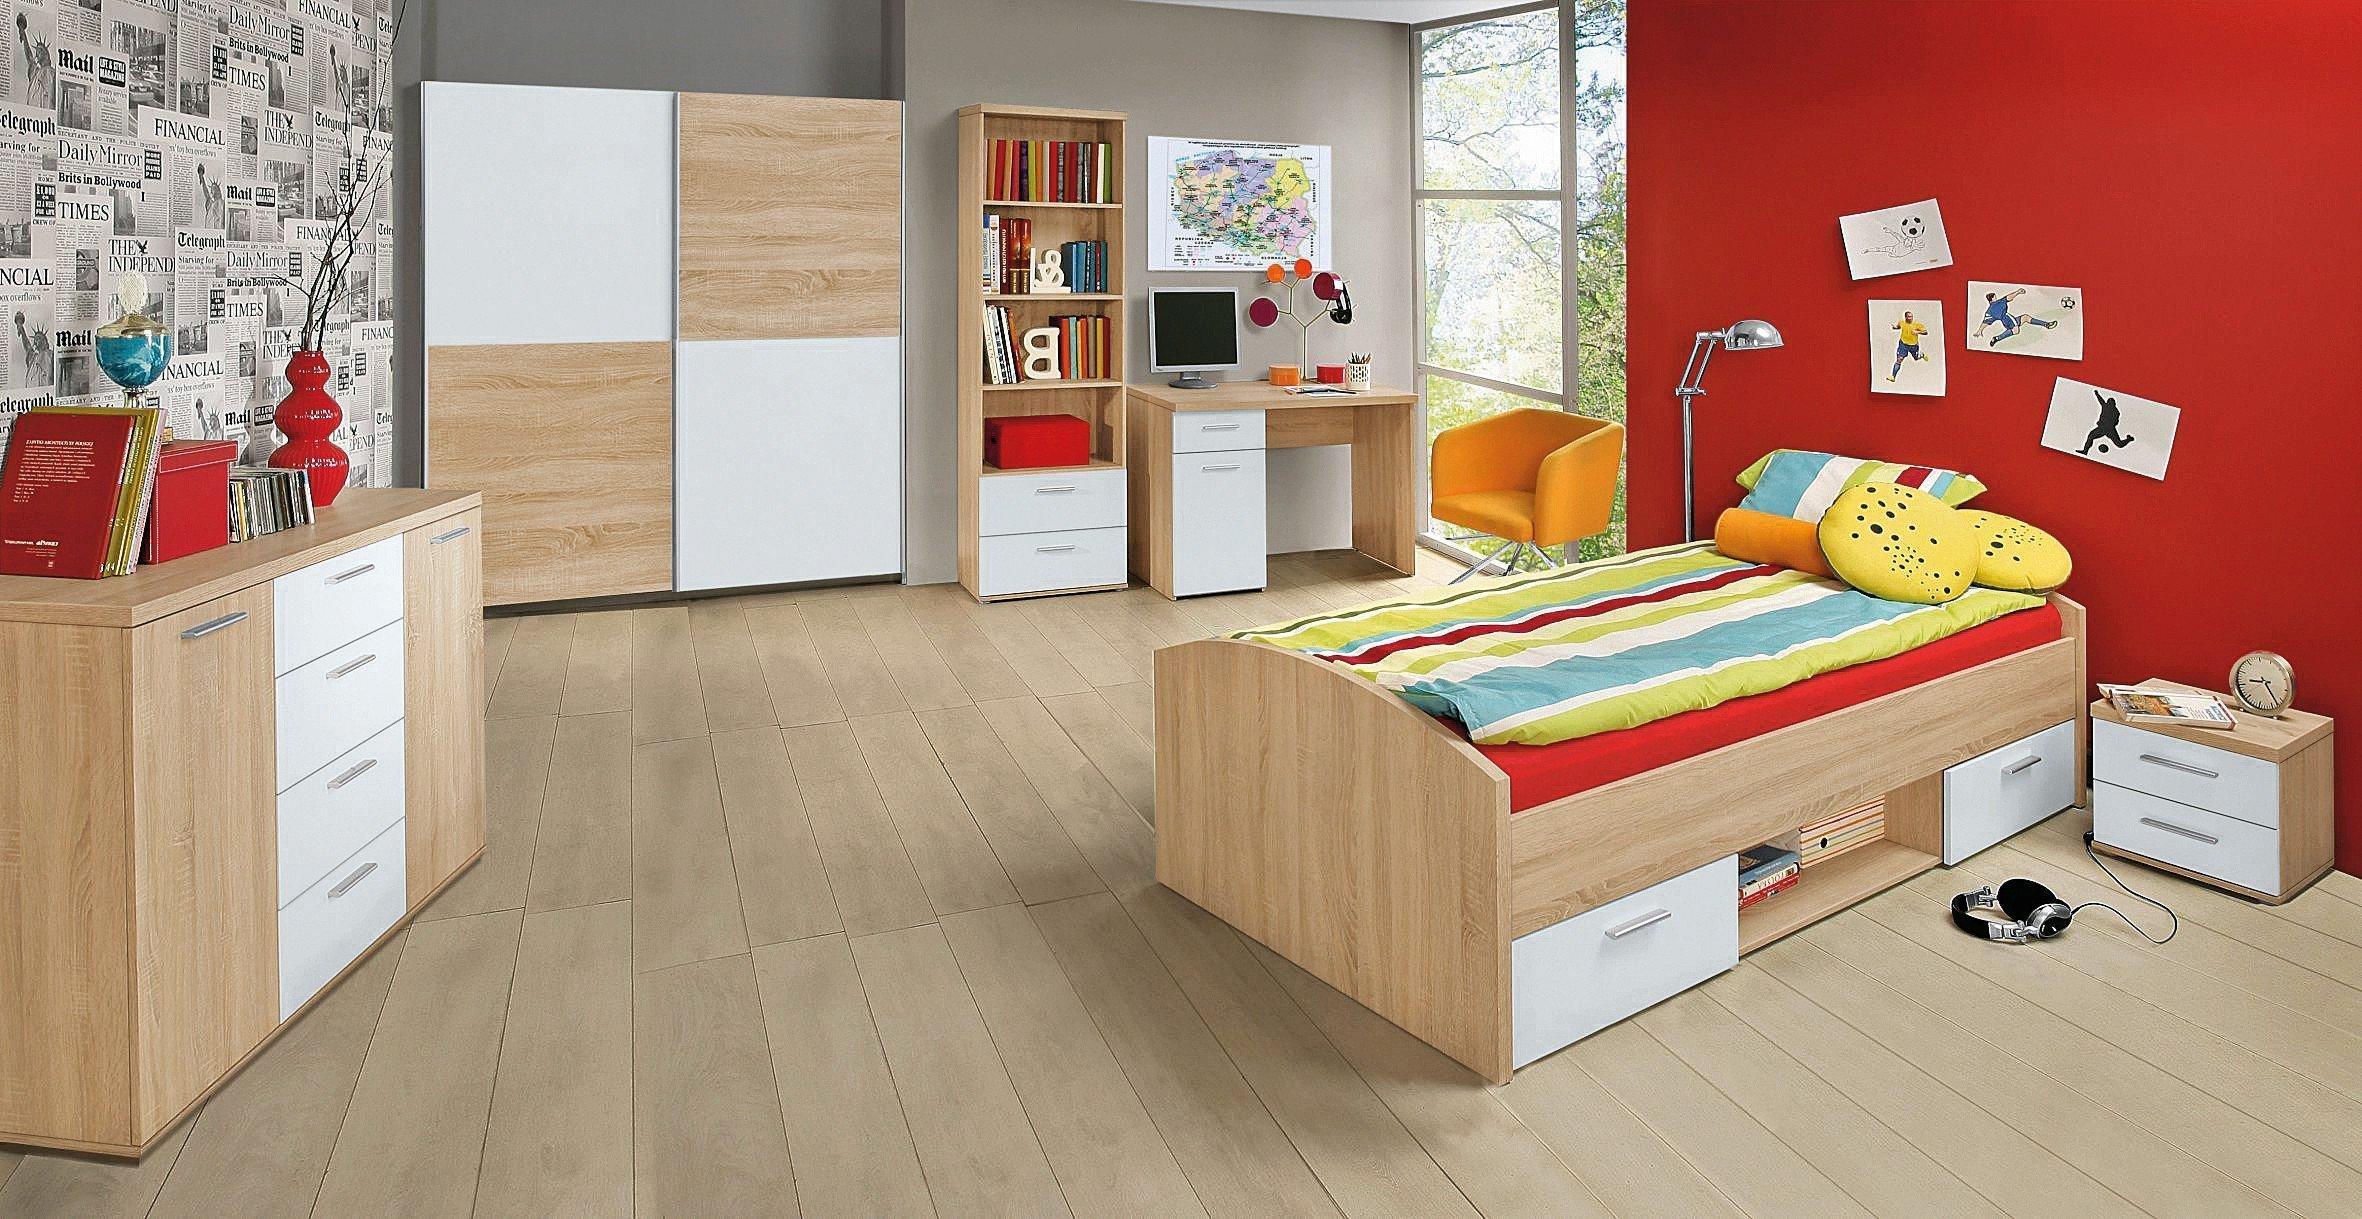 forte winnie kinder und jugendzimmer beton optik m bel letz ihr online shop. Black Bedroom Furniture Sets. Home Design Ideas